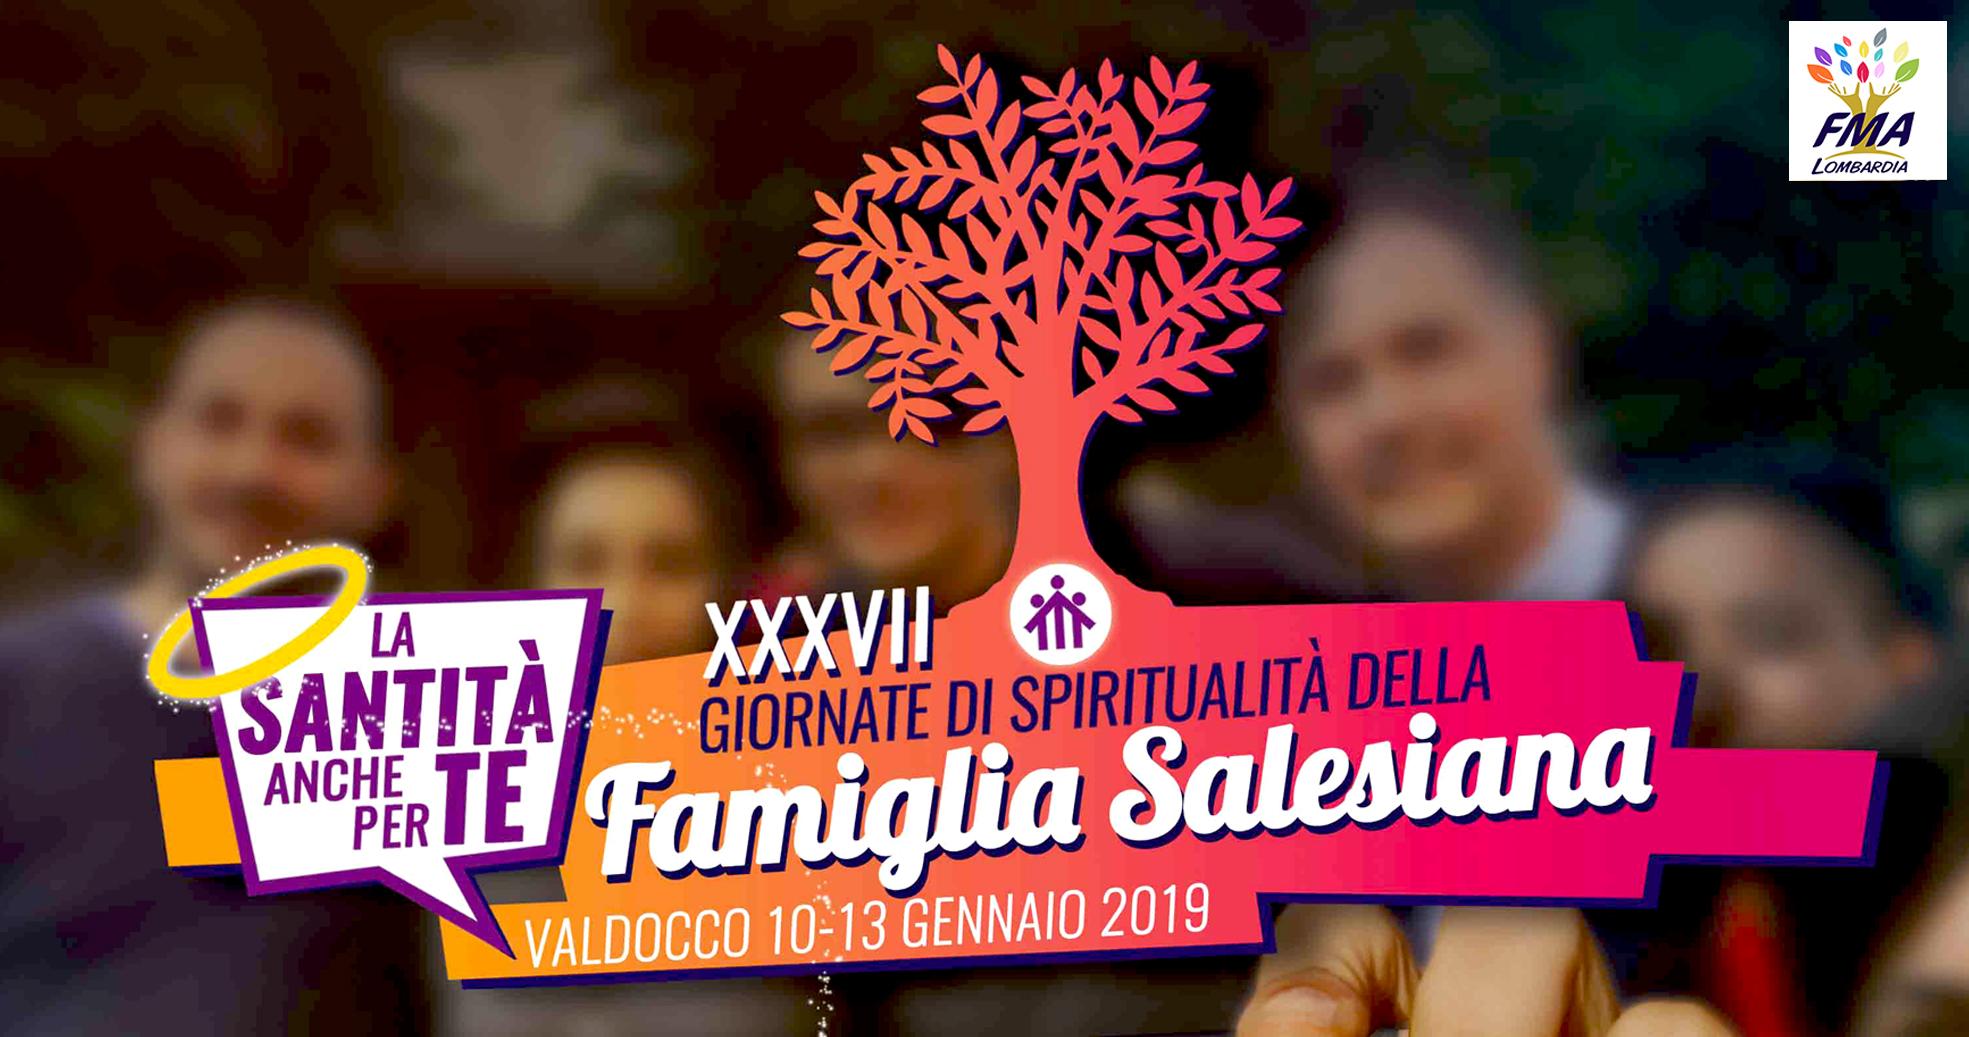 Giornate di Spiritualità della Famiglia Salesiana